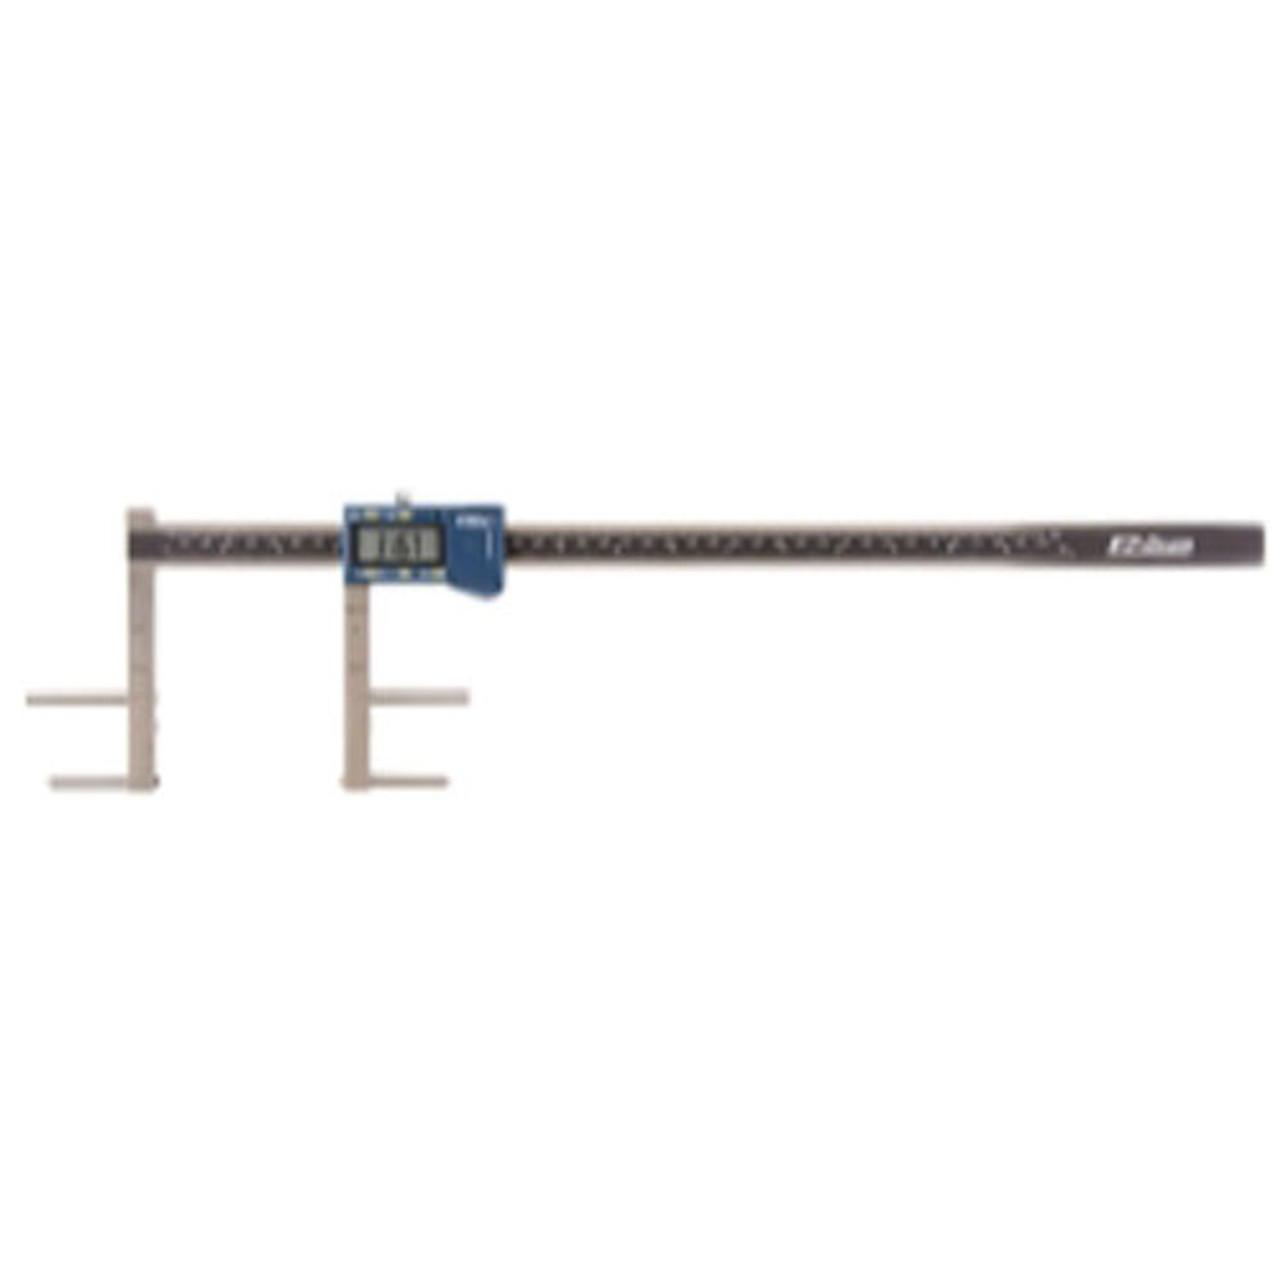 Fowler 74-150-020 EZ-Drum Electronic Brake Drum Gage